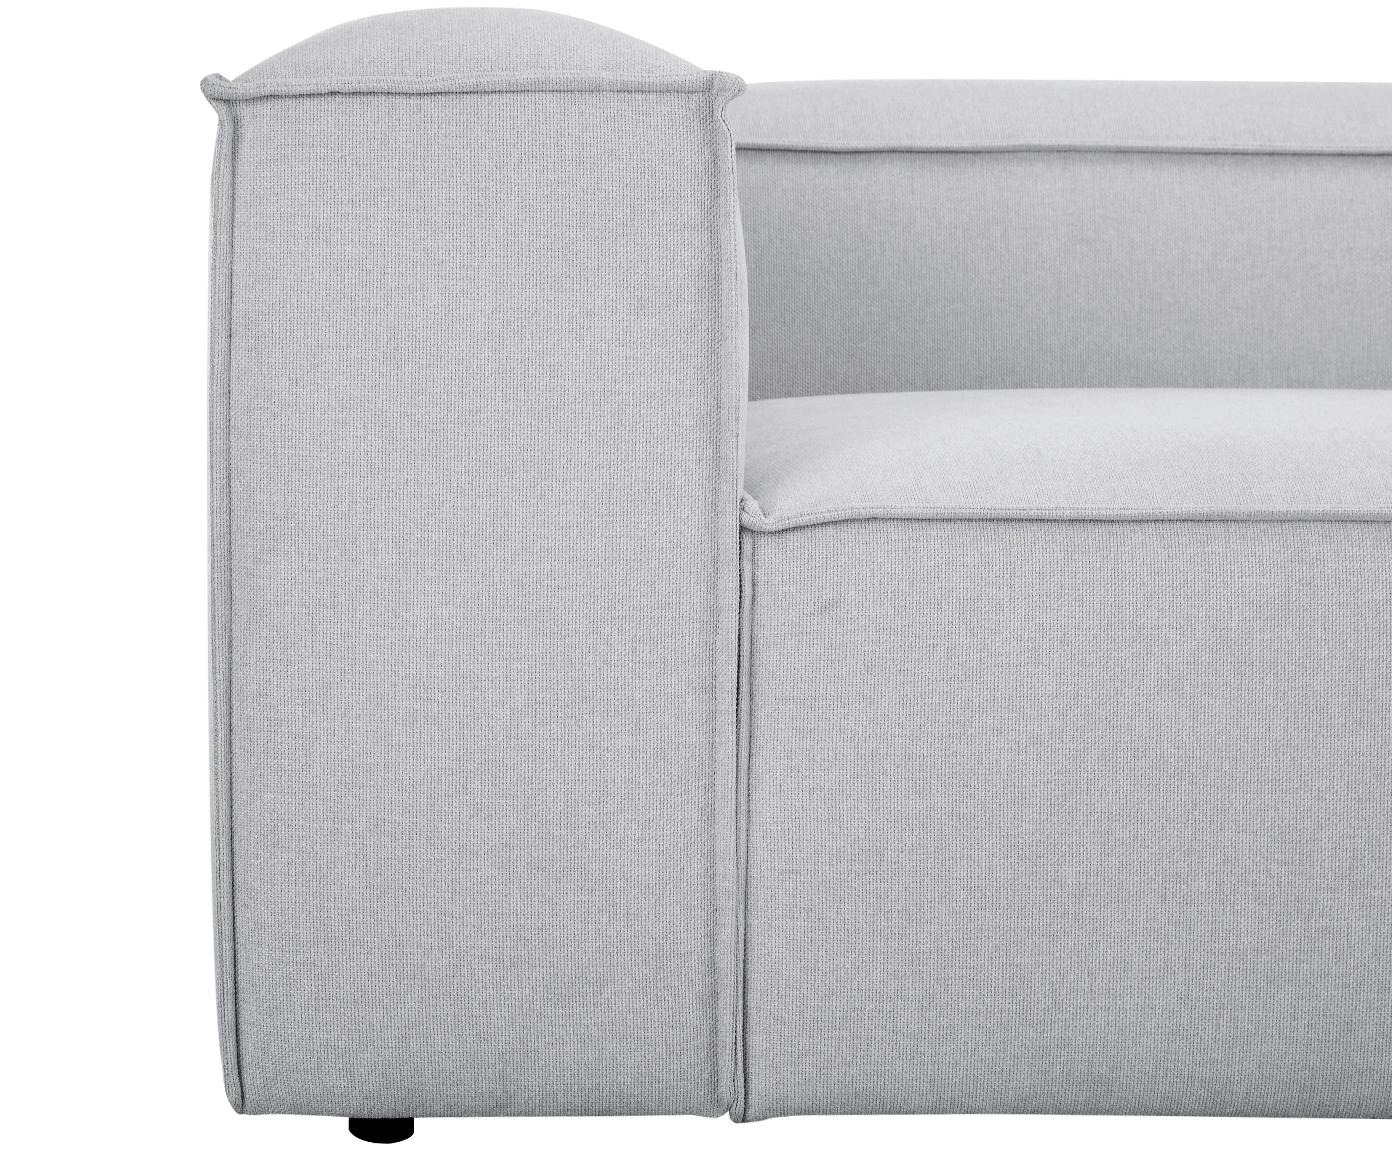 Sofa modułowa Lennon (4-osobowa), Tapicerka: poliester 35 000 cykli w , Stelaż: lite drewno sosnowe, skle, Nogi: tworzywo sztuczne, Jasny szary, S 326 x G 119 cm